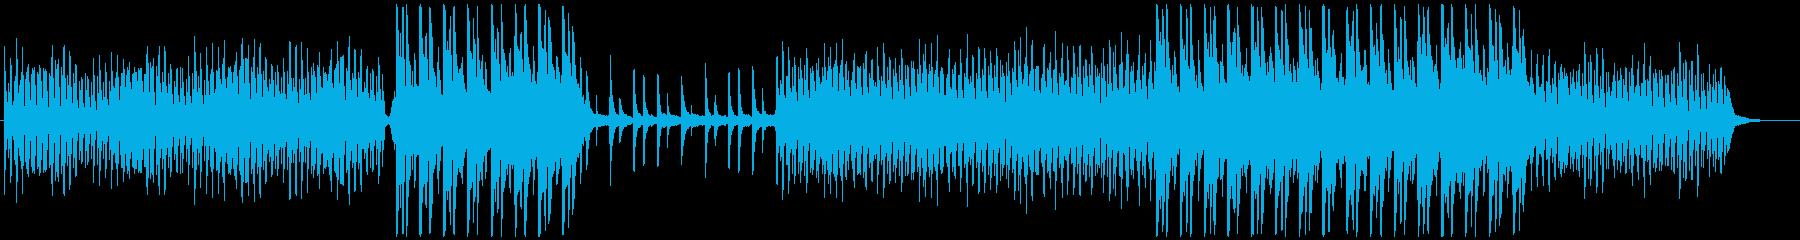 穏やかで雄大なオーケストラ-自然-pvの再生済みの波形